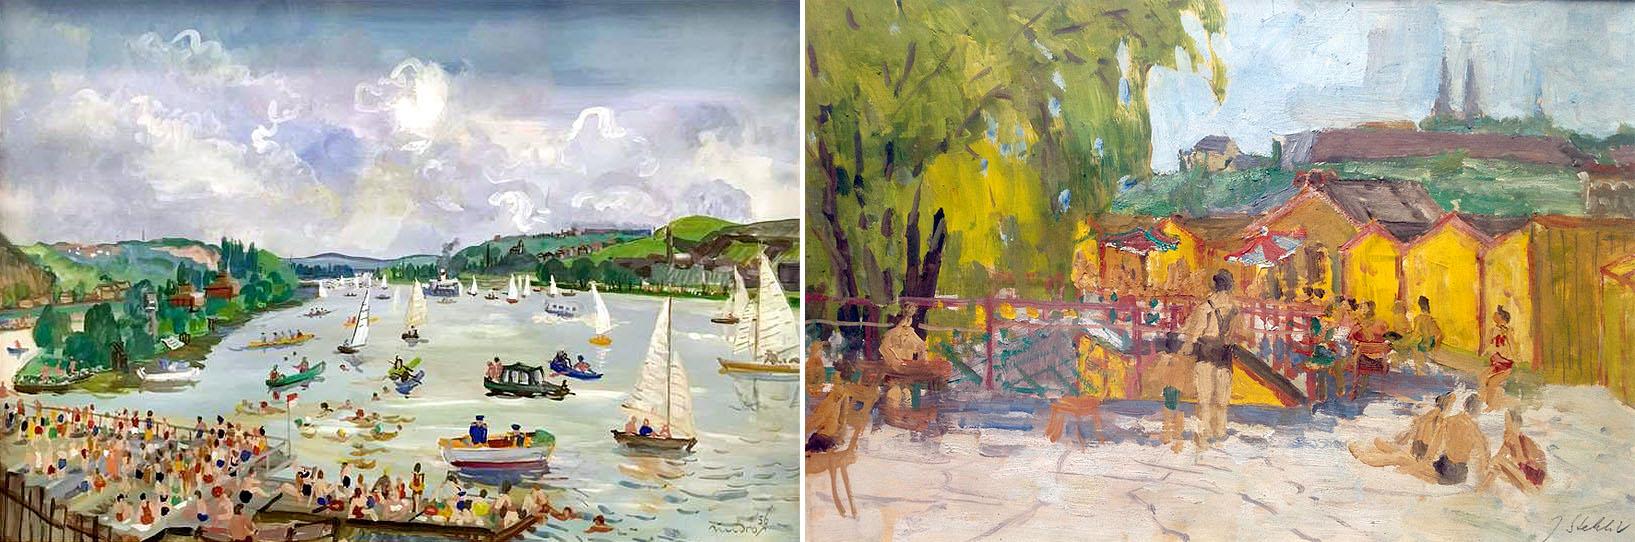 Mejzlíkova plovárna na obrazech Jaromíra Jindry a Jindřicha Stehlíka z 50. let.